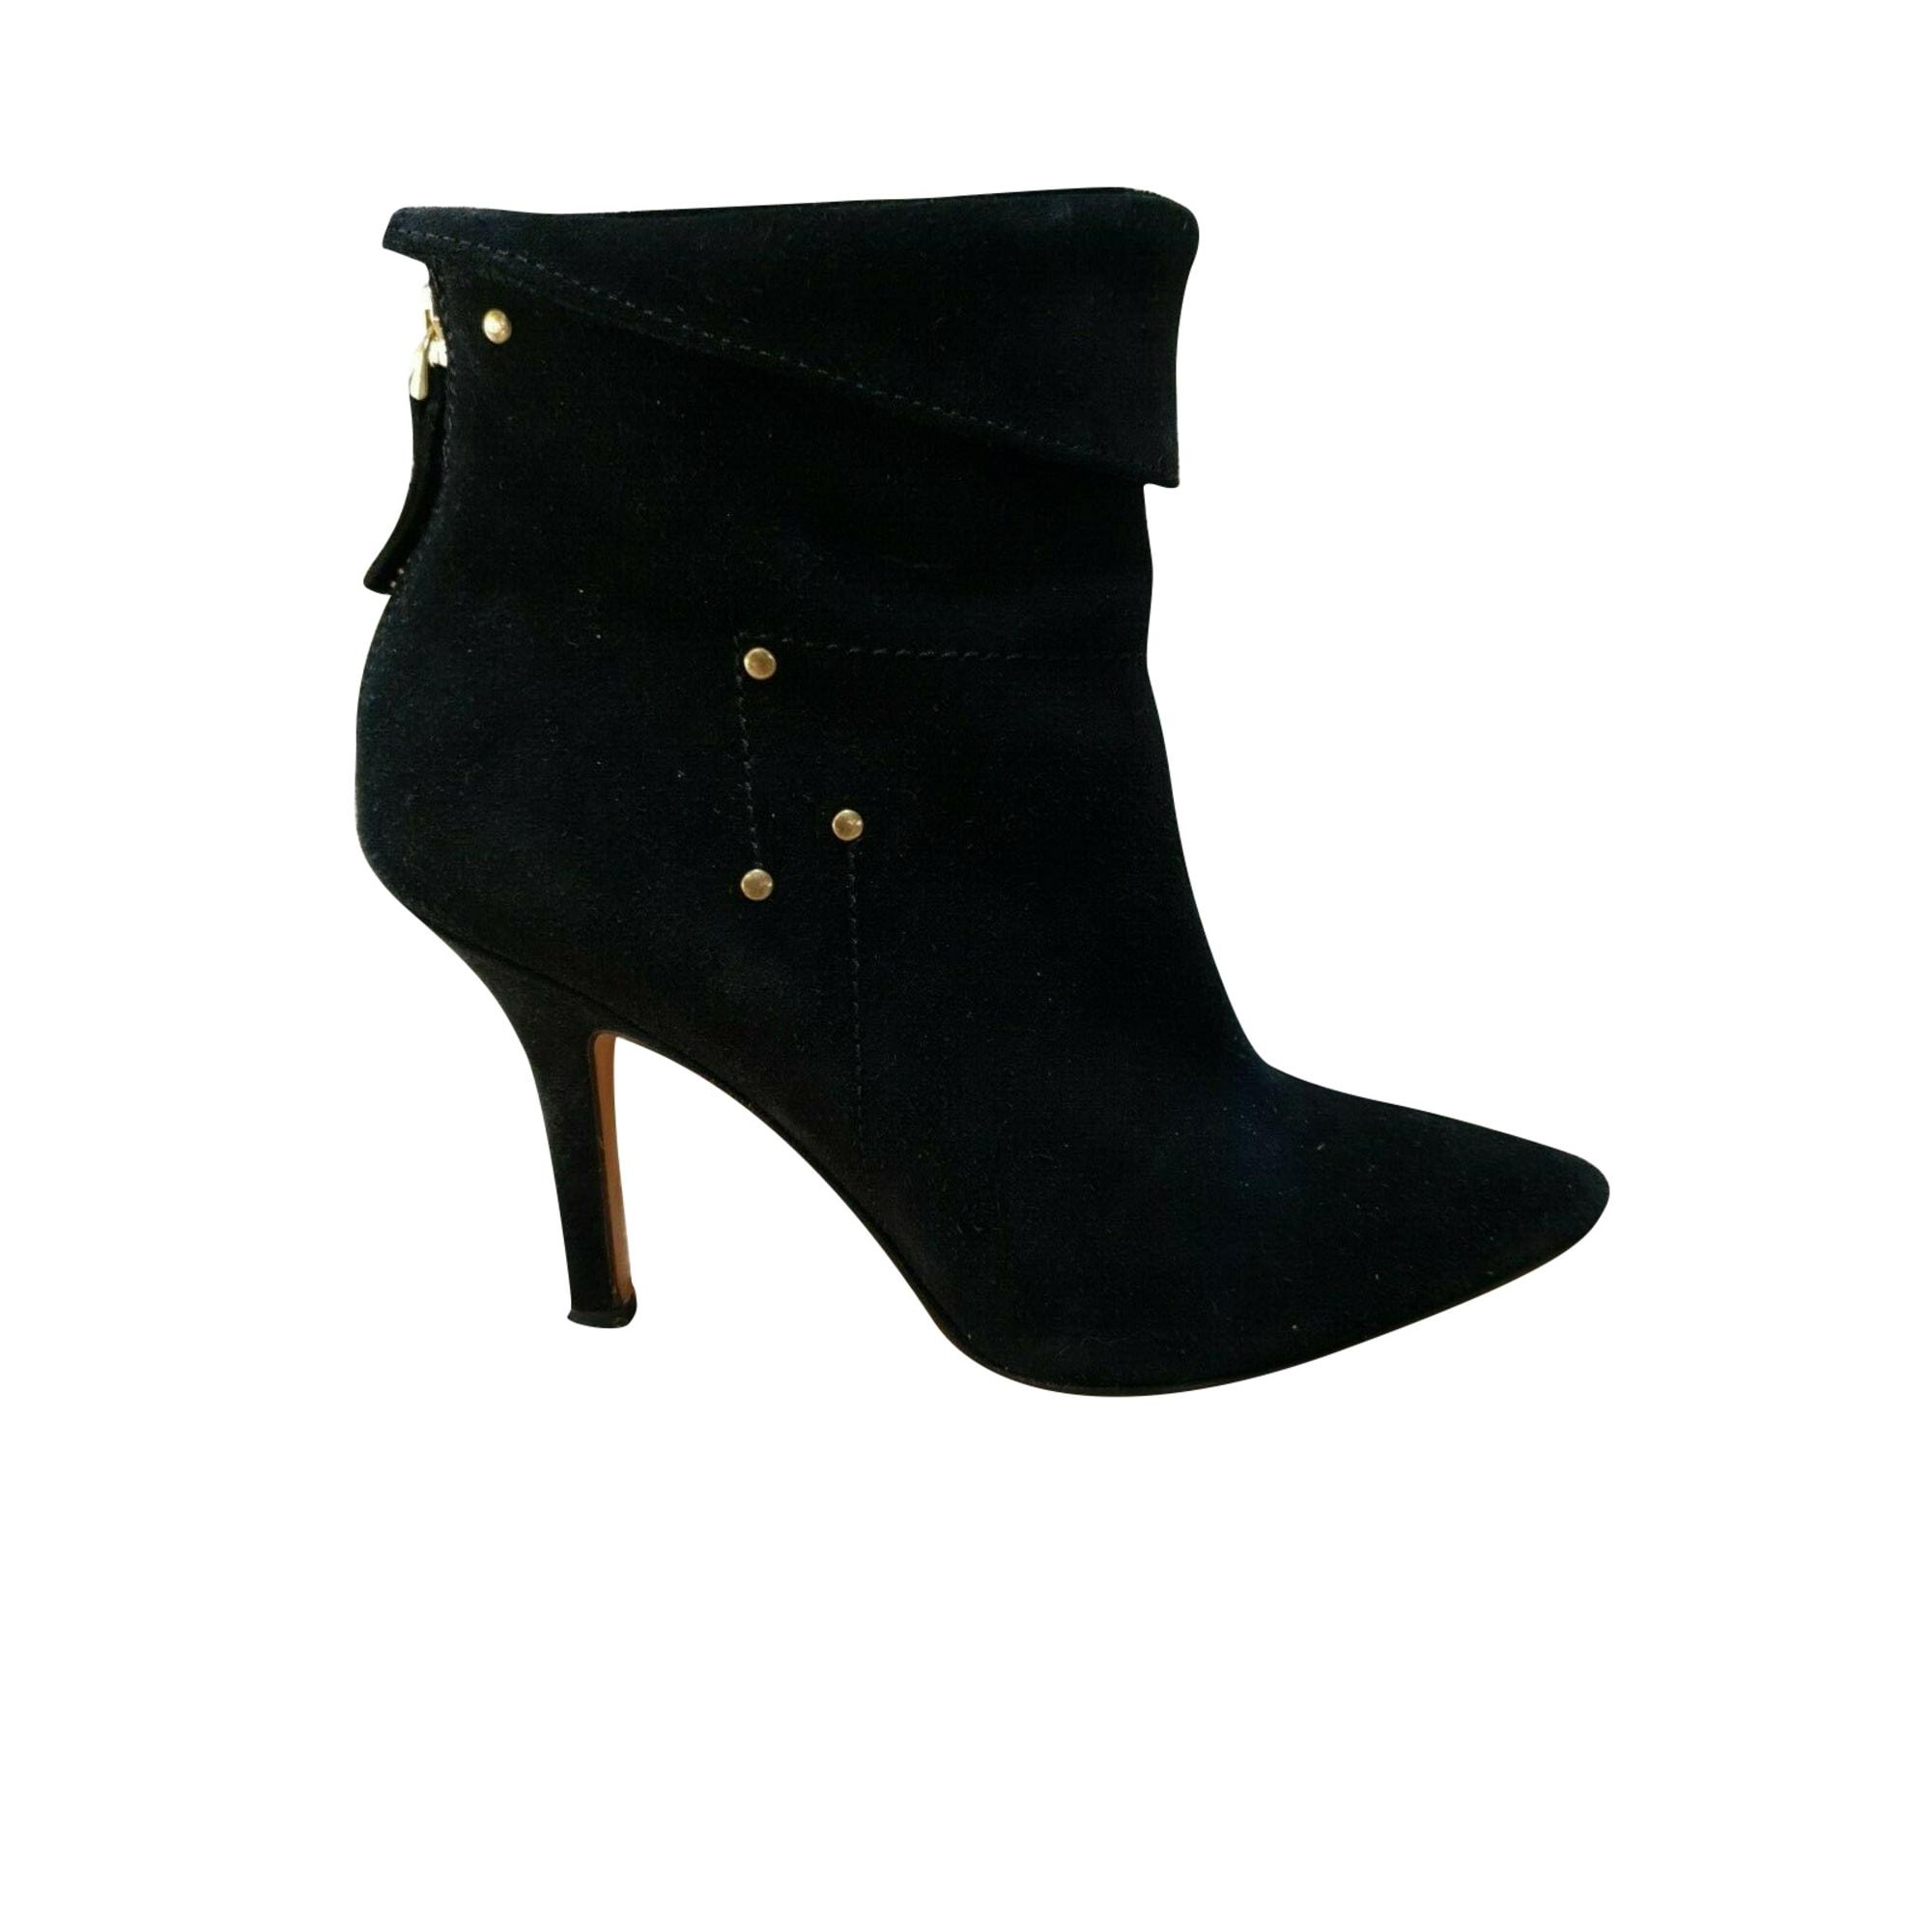 Bottines & low boots à talons JEROME DREYFUSS Noir